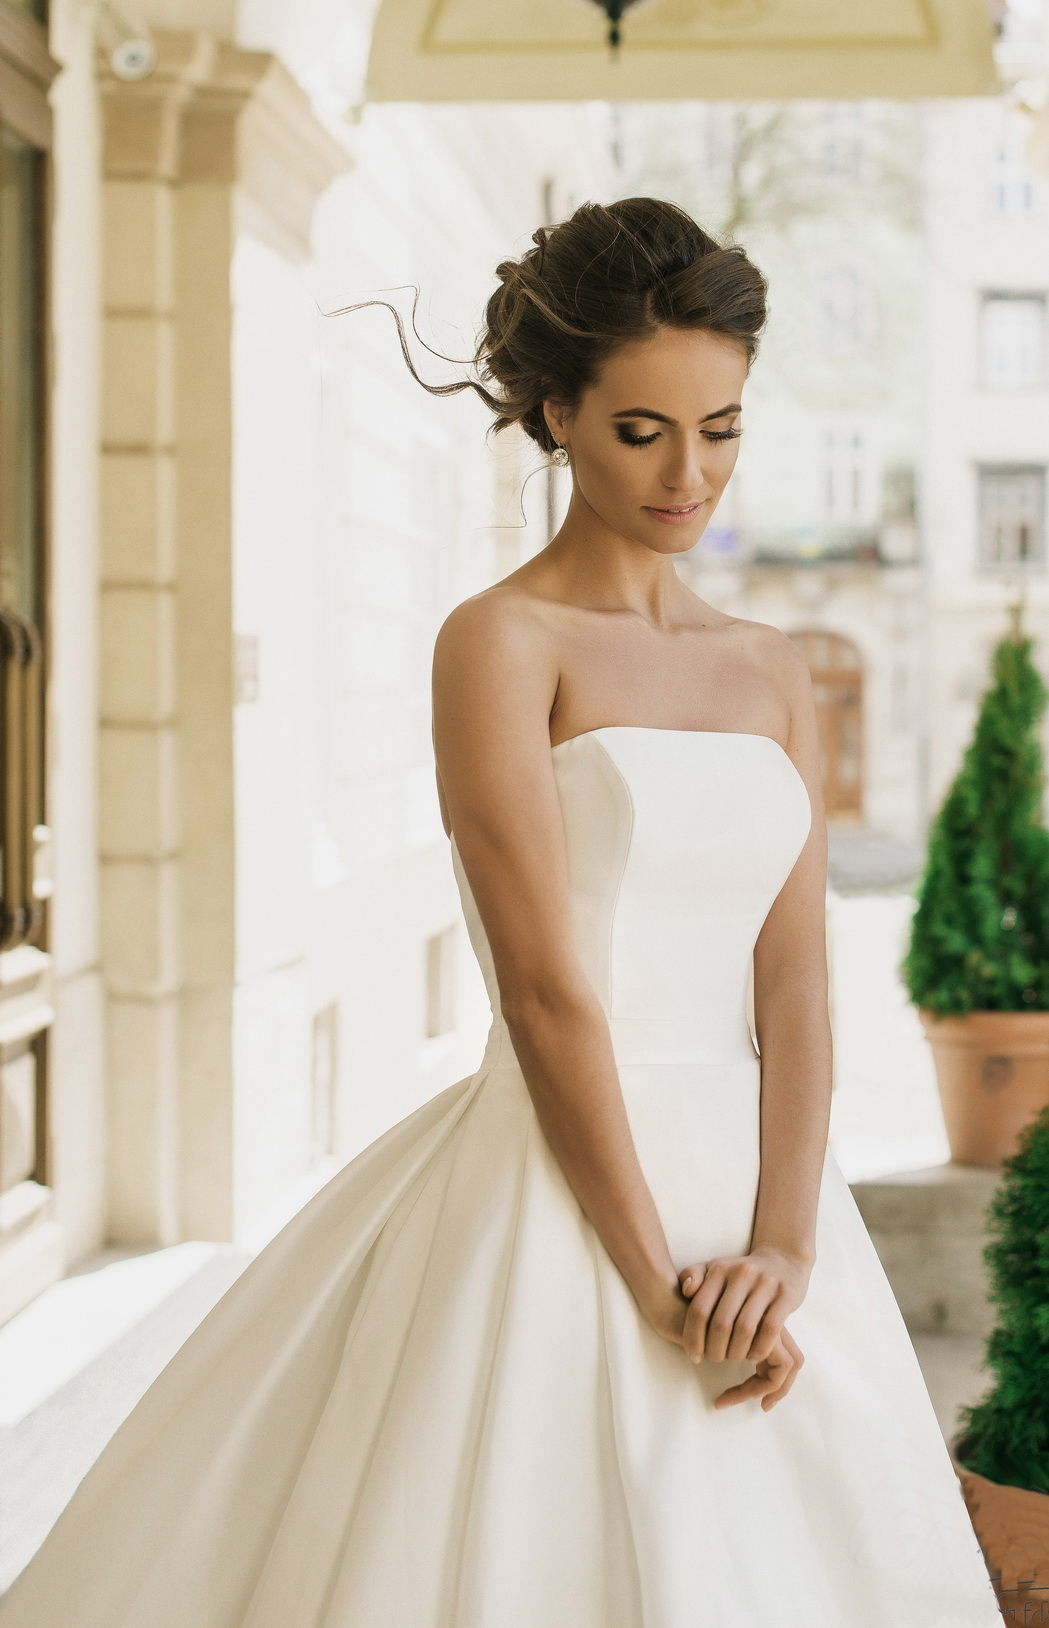 75c0cbe66c7 Кружевное свадебное платье с открытыми плечами Элегантное свадебное платье  с открытыми плечами ...